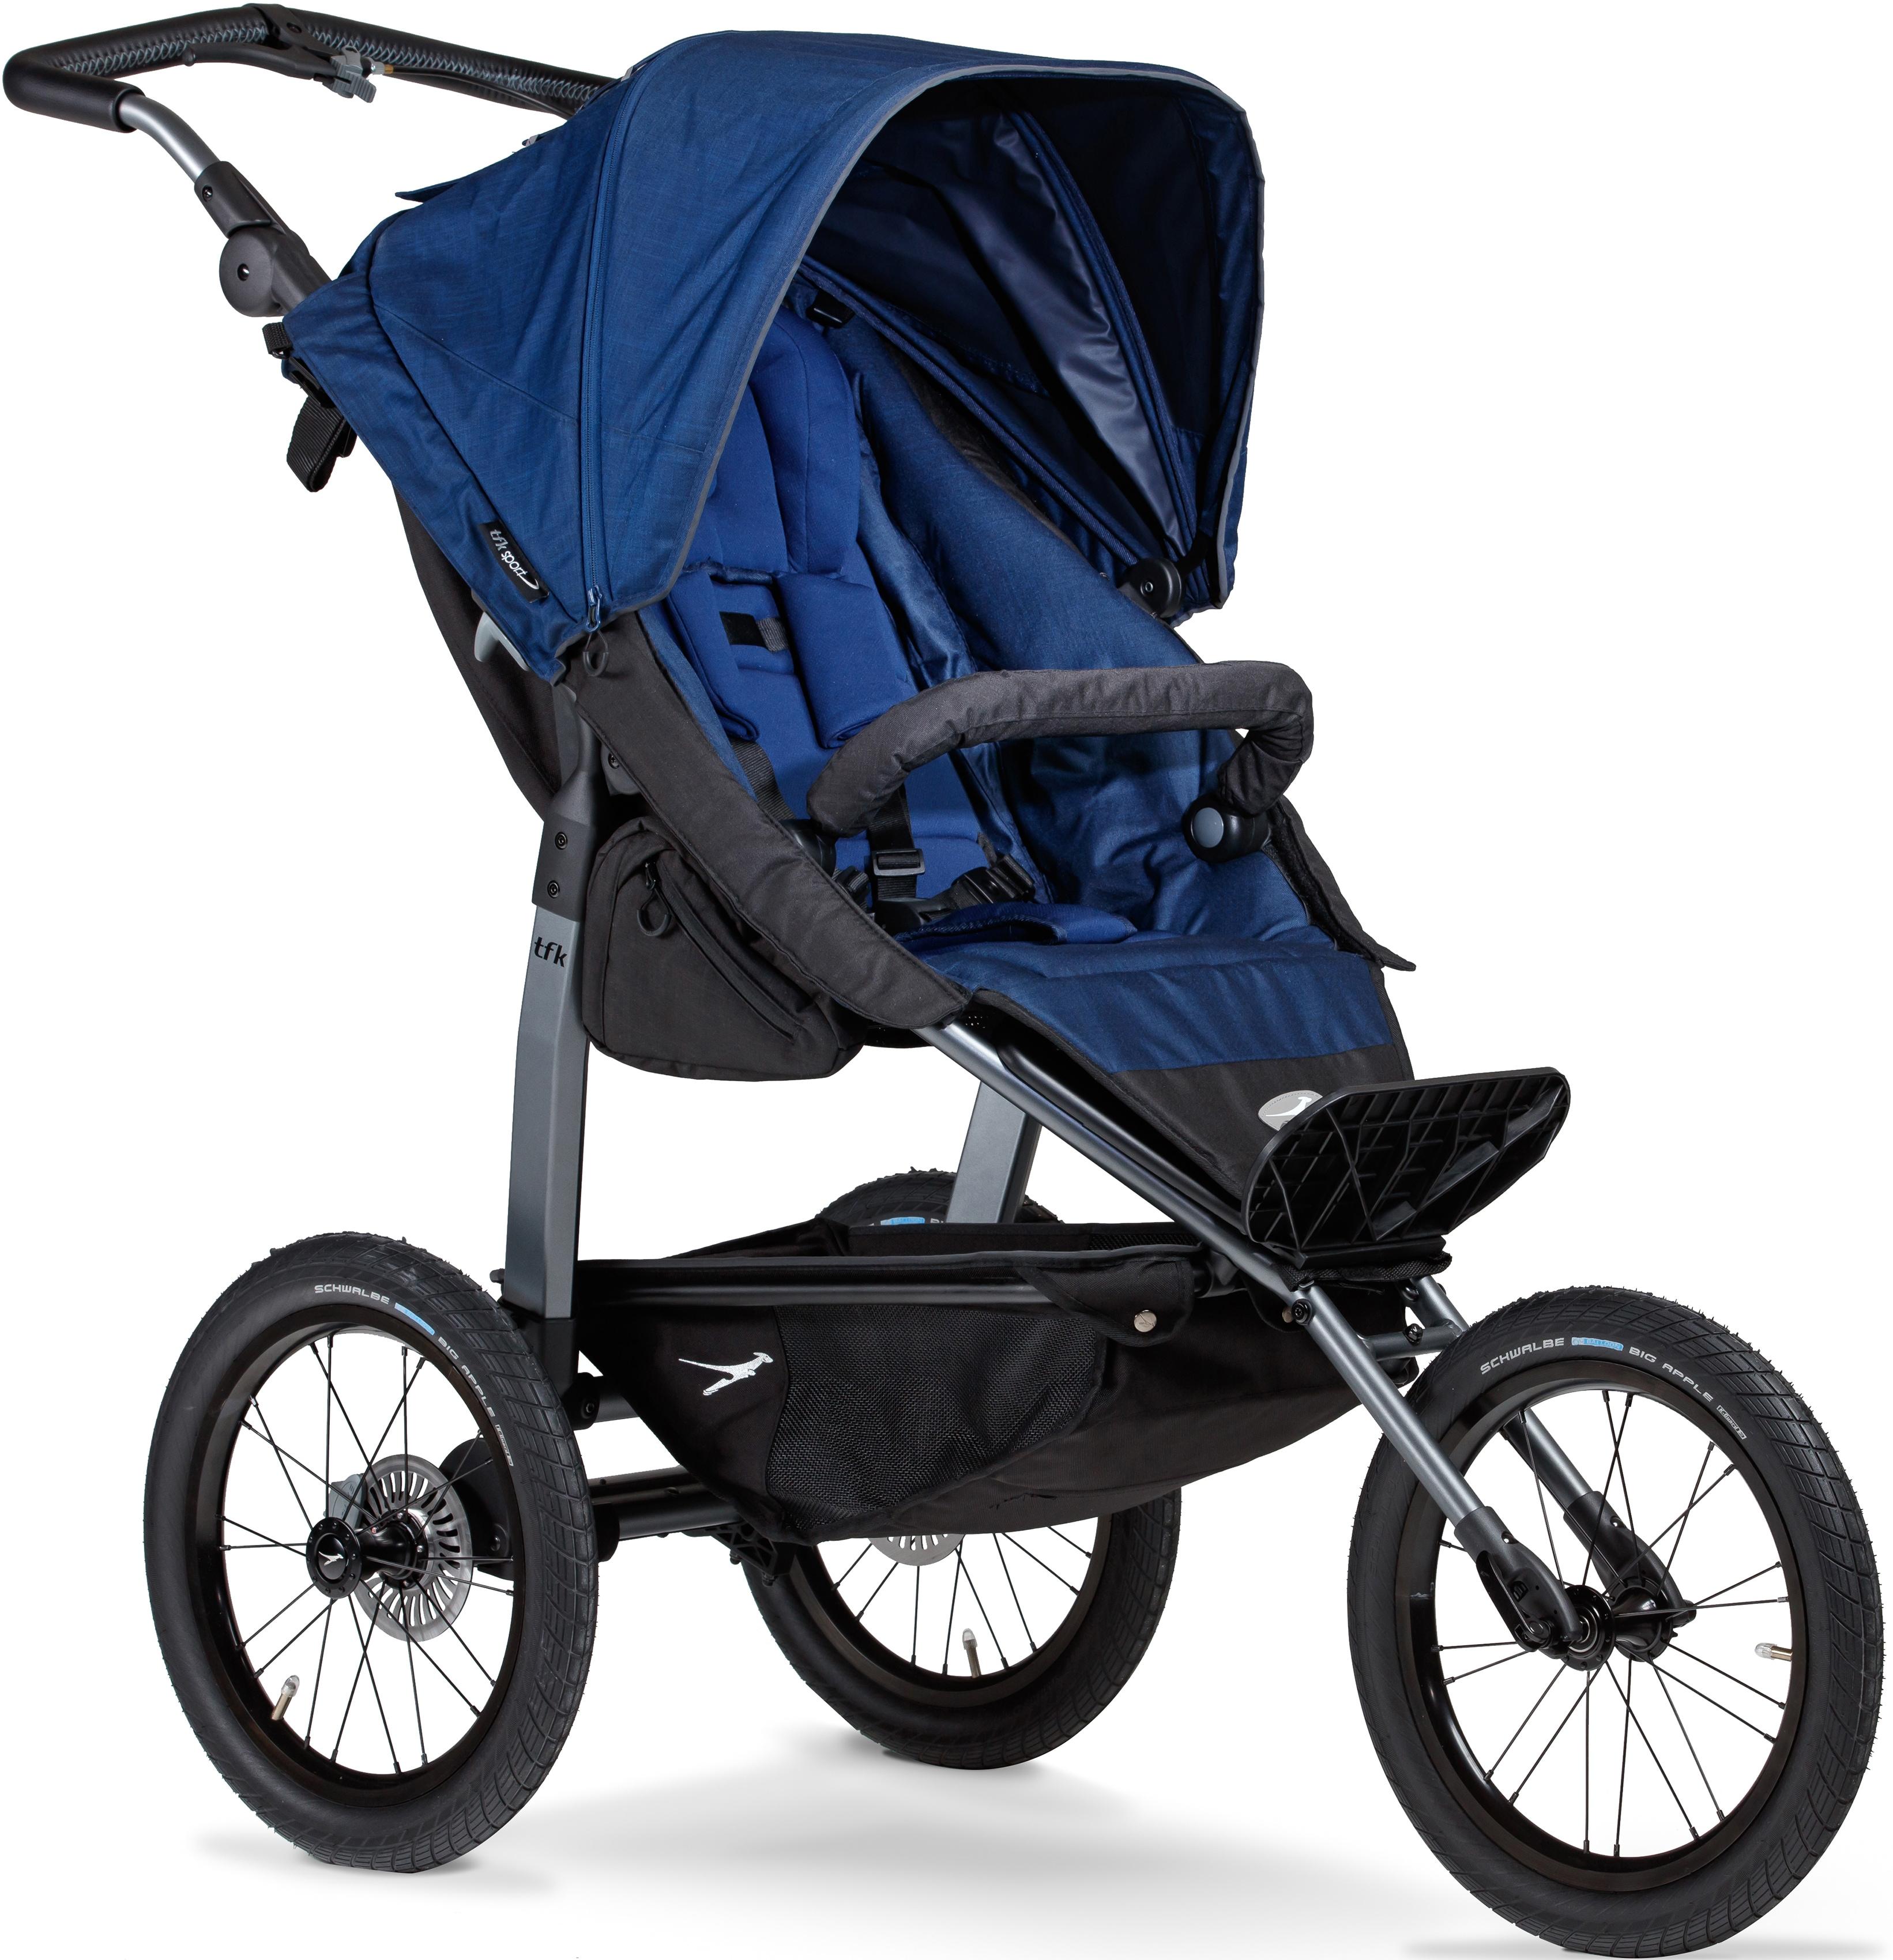 tfk Dreirad-Kinderwagen Sport, 34 kg, Luftreifen, Kinderwagen, Jogger, Dreiradwagen, Jogger-Kinderwagen, Dreiradkinderwagen blau Kinder Kinderwagen Buggies